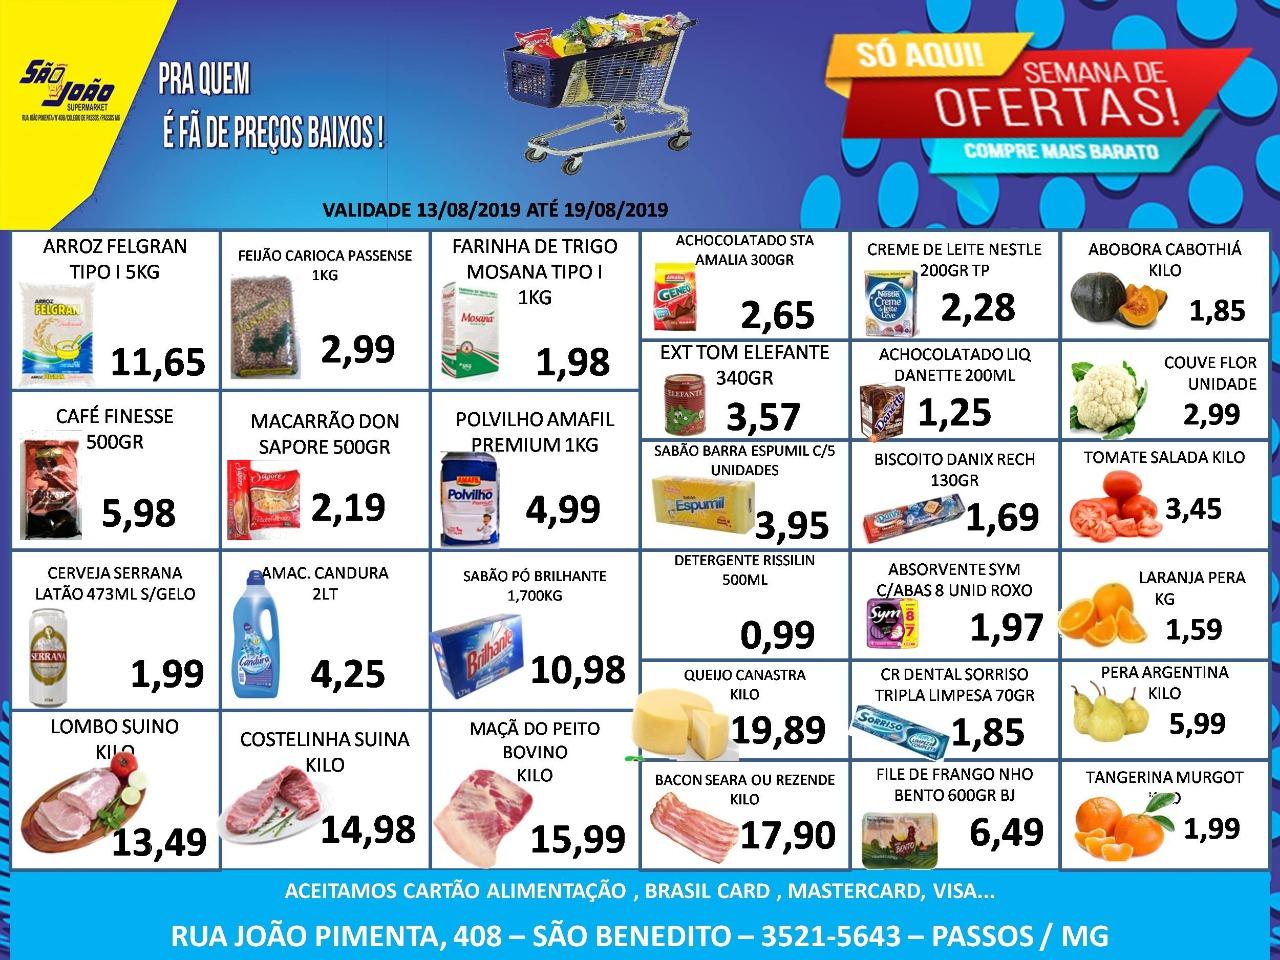 São João Supermarket - Ofertas da Semana Supermercados Passos MG / Jornal de Ofertas Supermercados